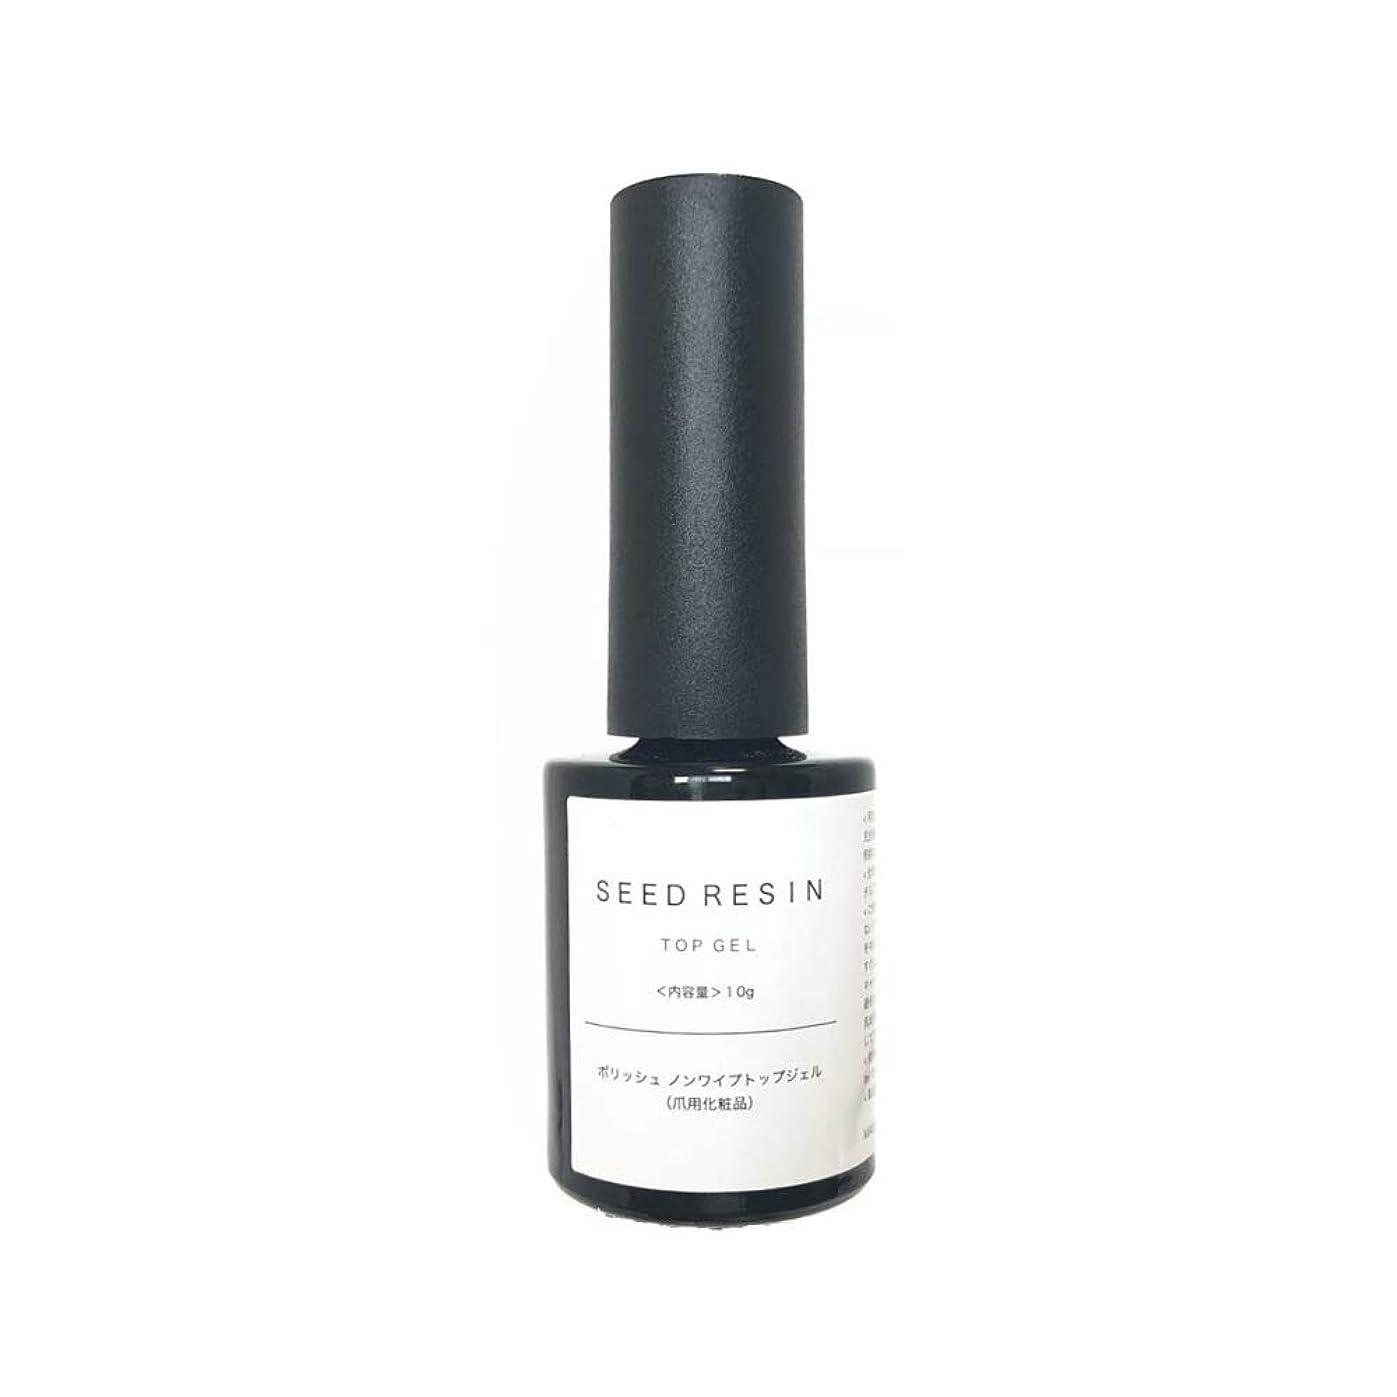 種その後万歳SEED RESIN(シードレジン) ジェルネイル ポリッシュ ノンワイプ トップジェル 10g 爪用化粧品